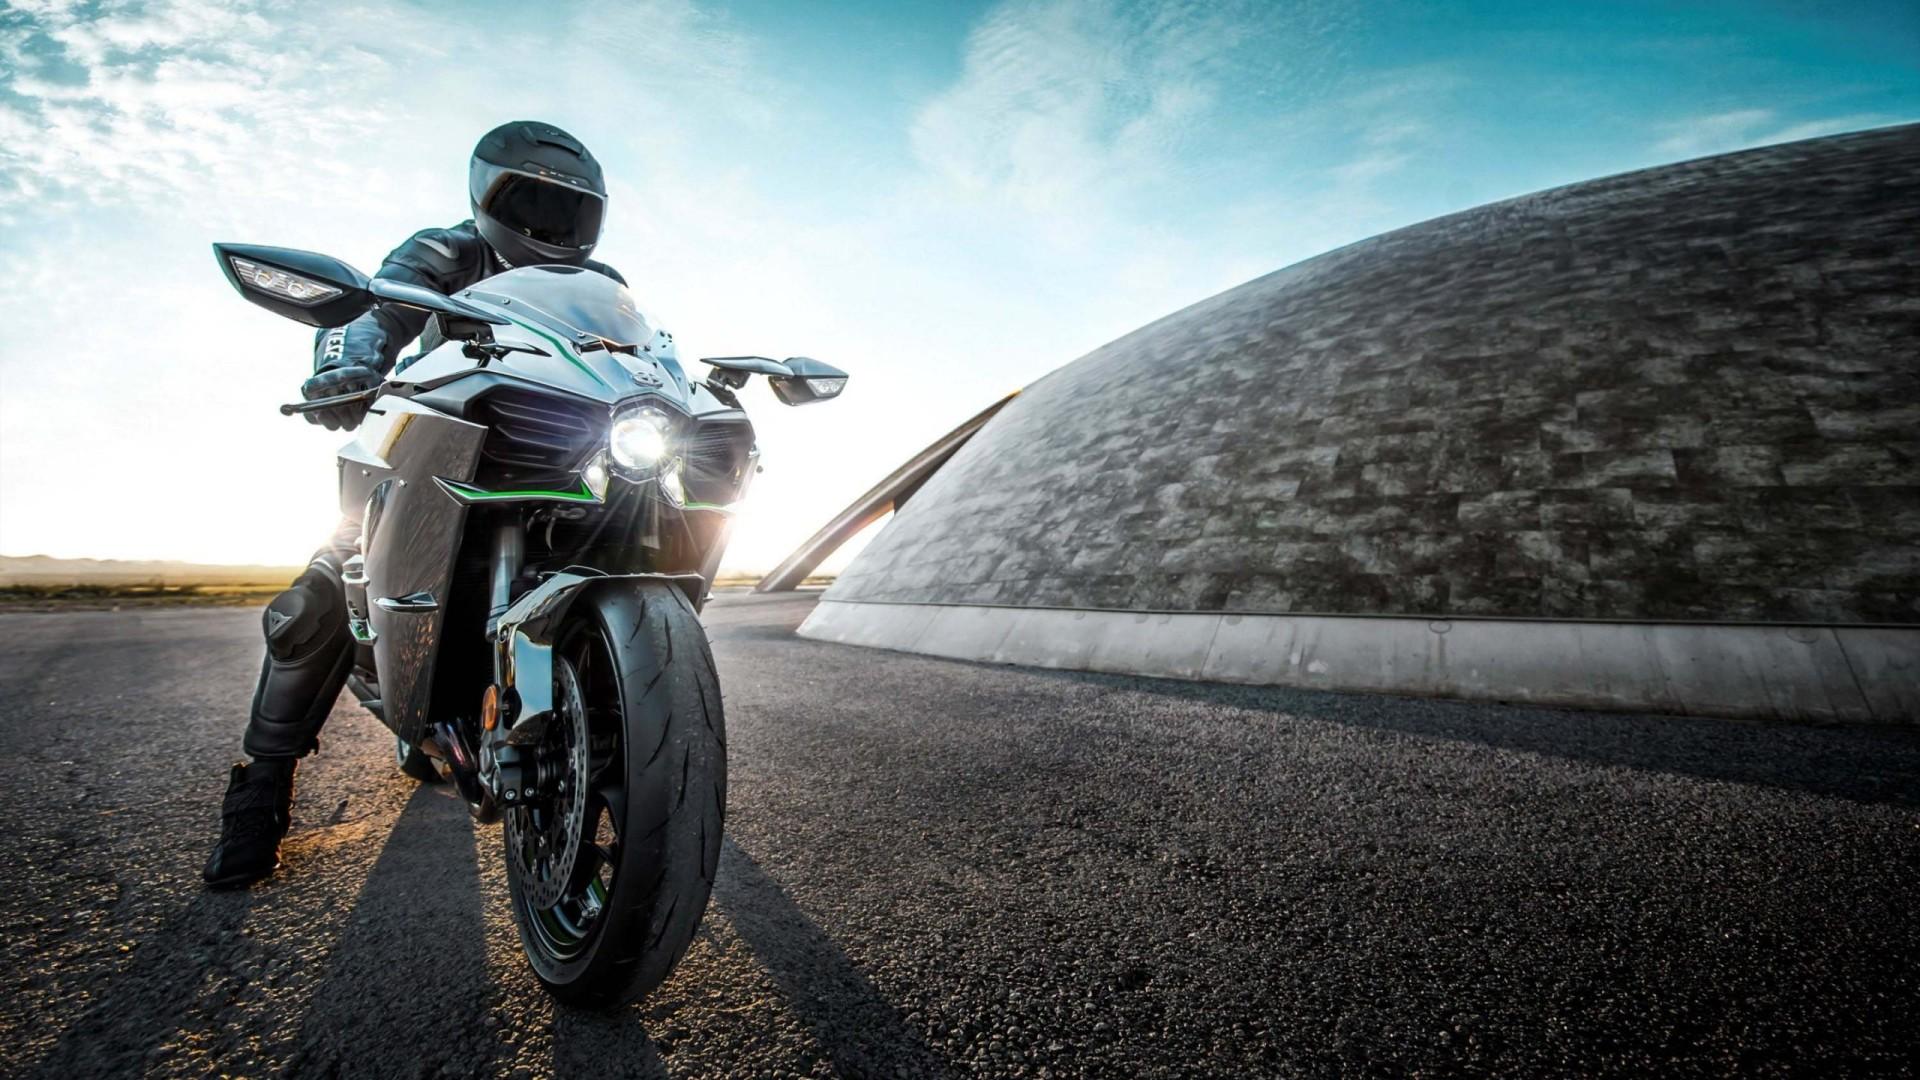 UKMOTO IMPORTATION MOTO ANGLETERRE 4 motorcycle 15 - GALLERIE FACEBOOK MOTO IMPORT MOTO UKMOTO